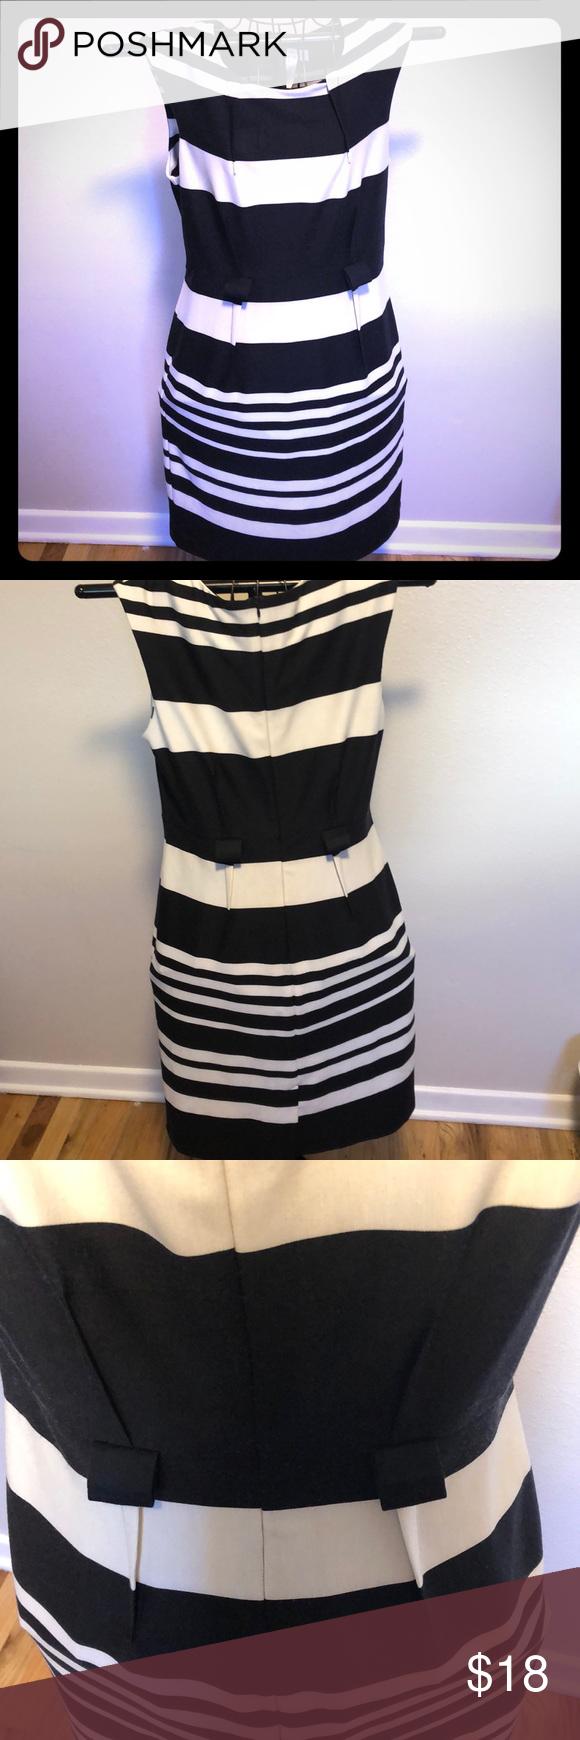 Emma Michele Black White Striped Poly Dress S 12 Stretchy And Striped Emma And Michele Black And White Dre Poly Dress Black White Stripes Black N White Dress [ 1740 x 580 Pixel ]